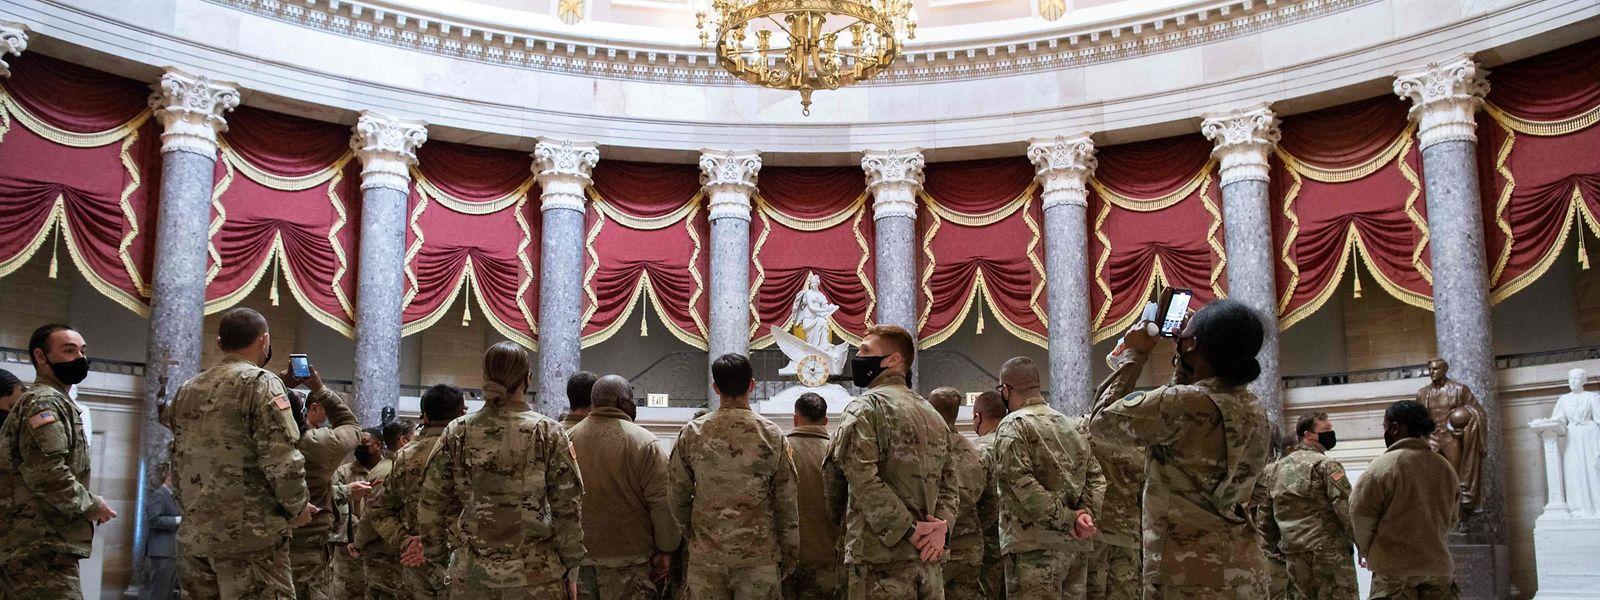 Mitglieder der Nationalgarde zeigen in der Statuenhalle des US-Kapitols in Washington Präsenz.